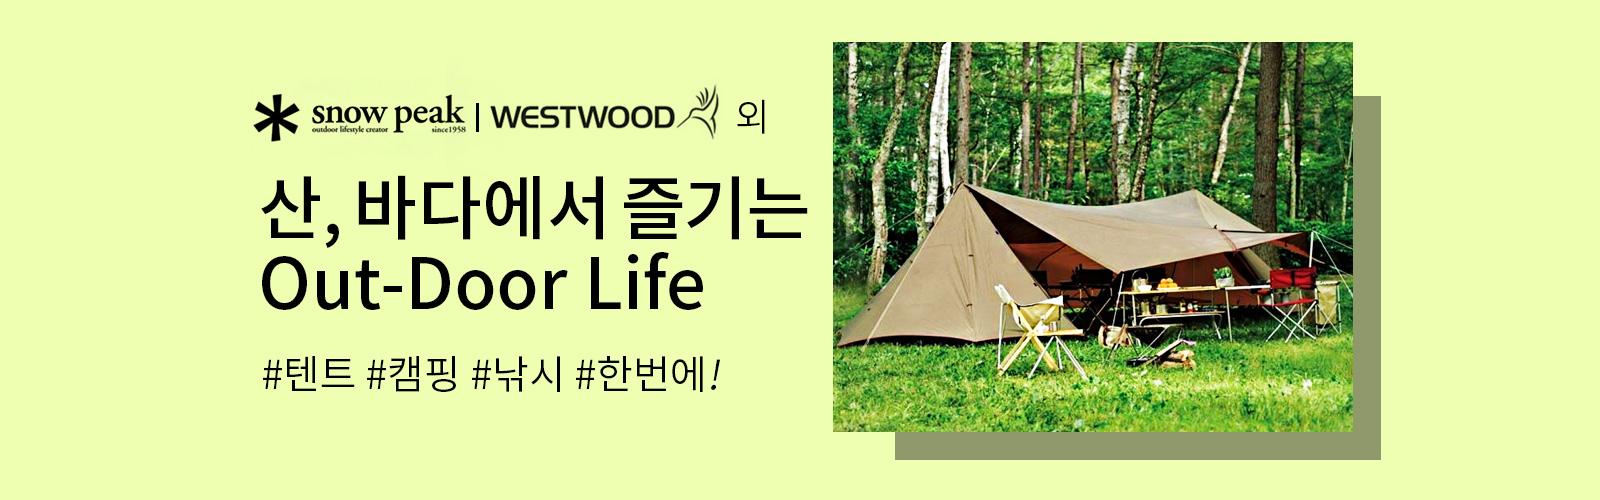 산과 바다에서 즐기는 Out-Door Life 텐트 캠핑 낚시까지 한번에